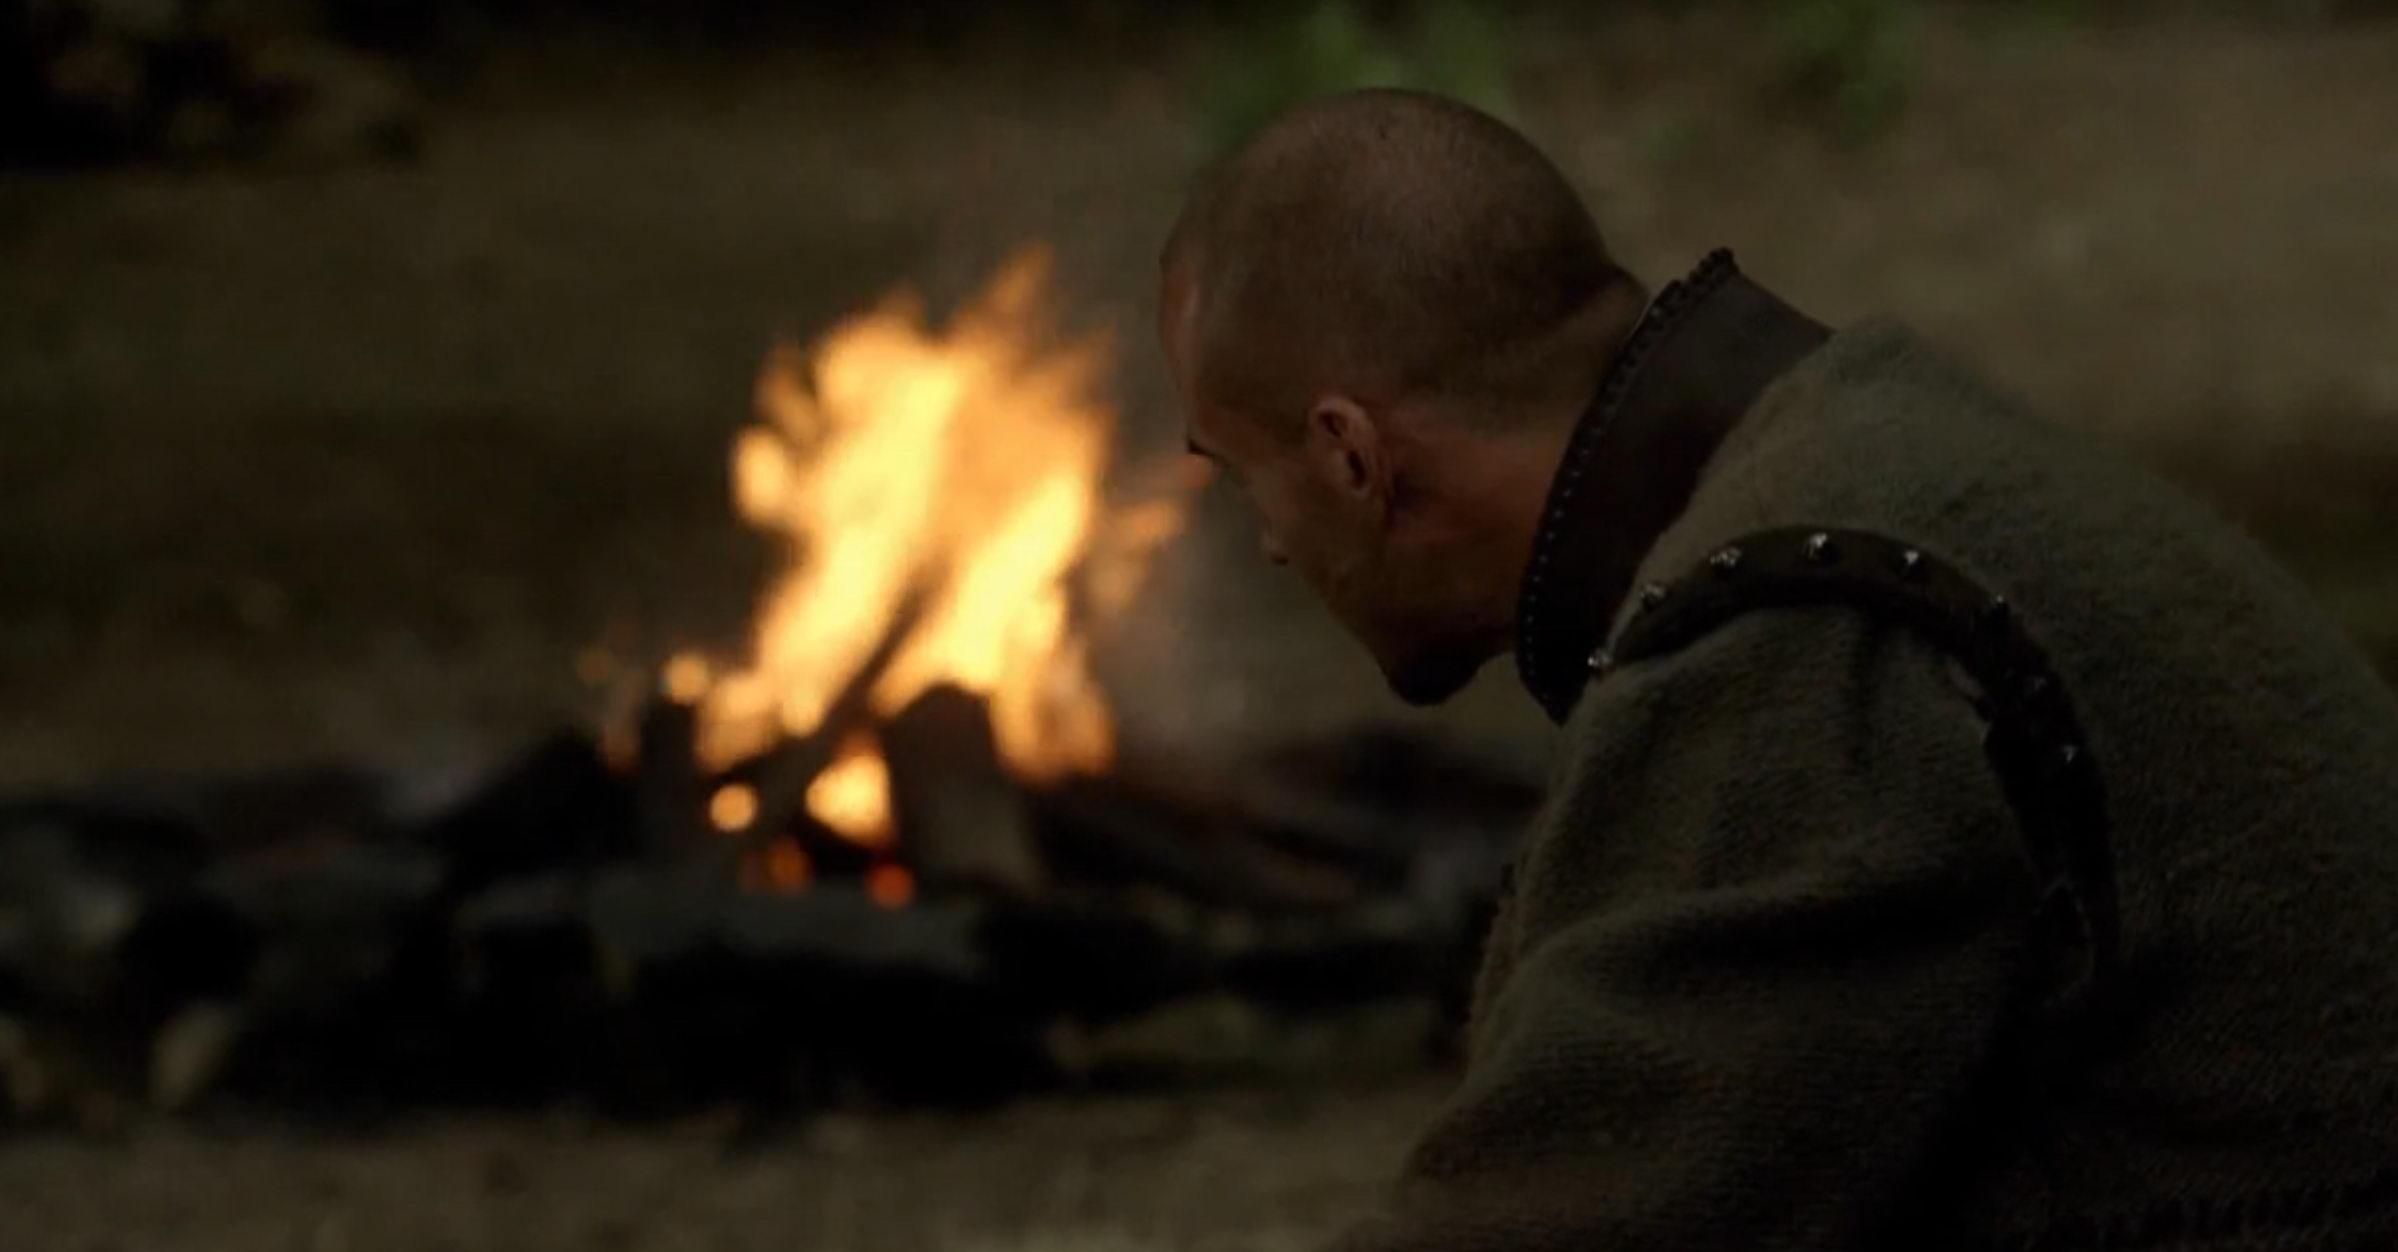 Мерлин смотрит на пламя